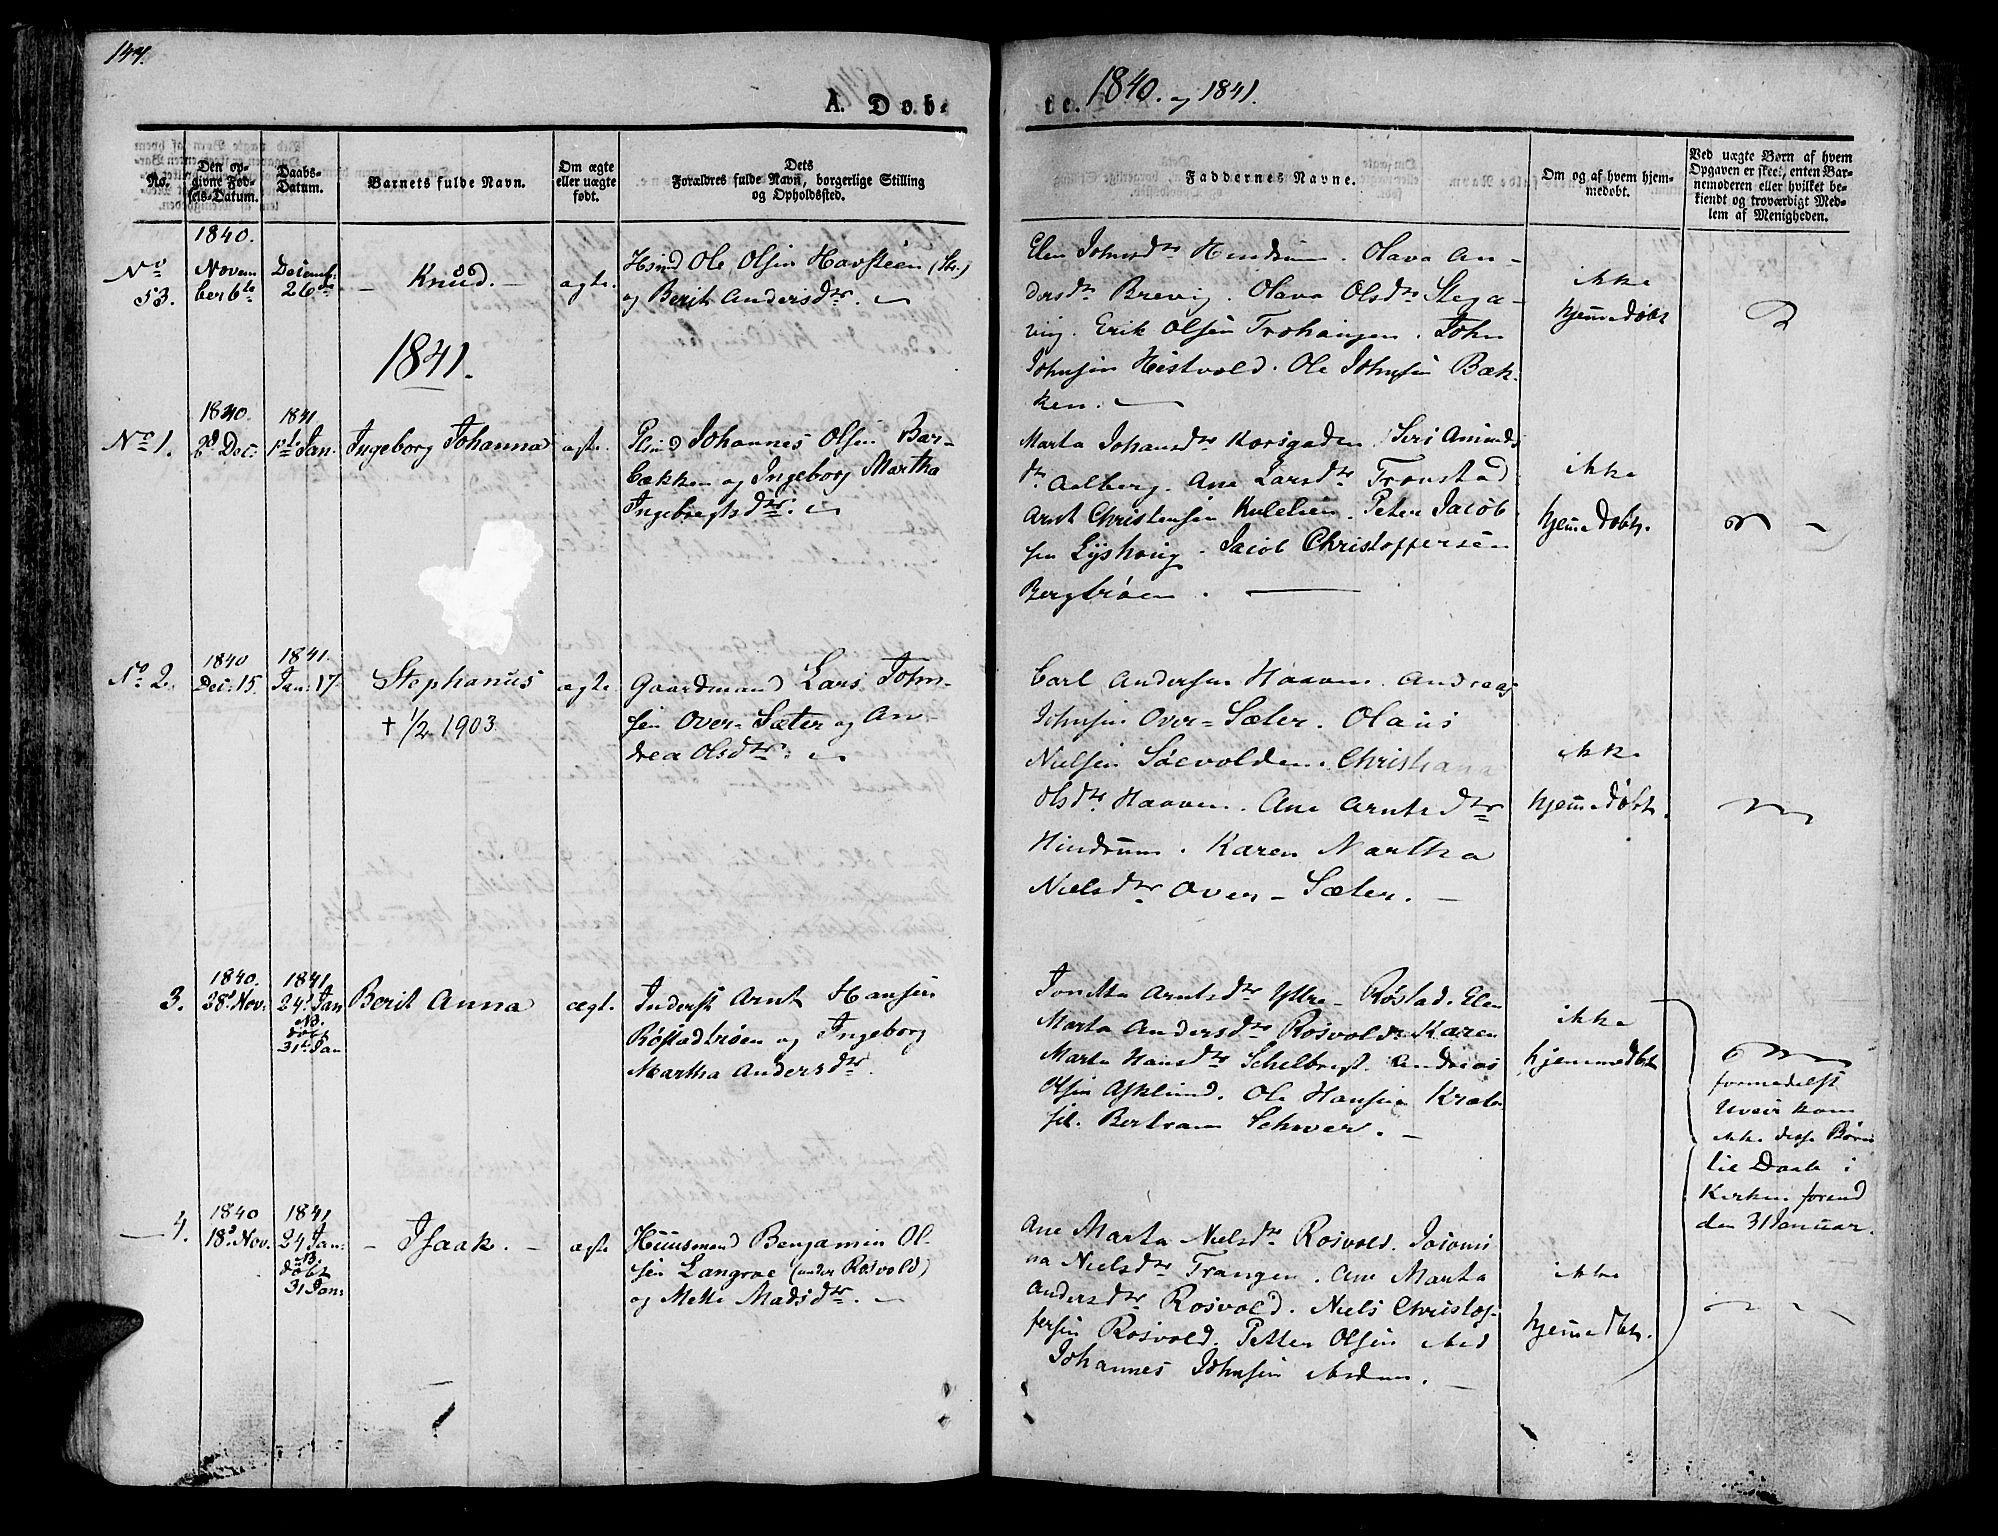 SAT, Ministerialprotokoller, klokkerbøker og fødselsregistre - Nord-Trøndelag, 701/L0006: Ministerialbok nr. 701A06, 1825-1841, s. 147